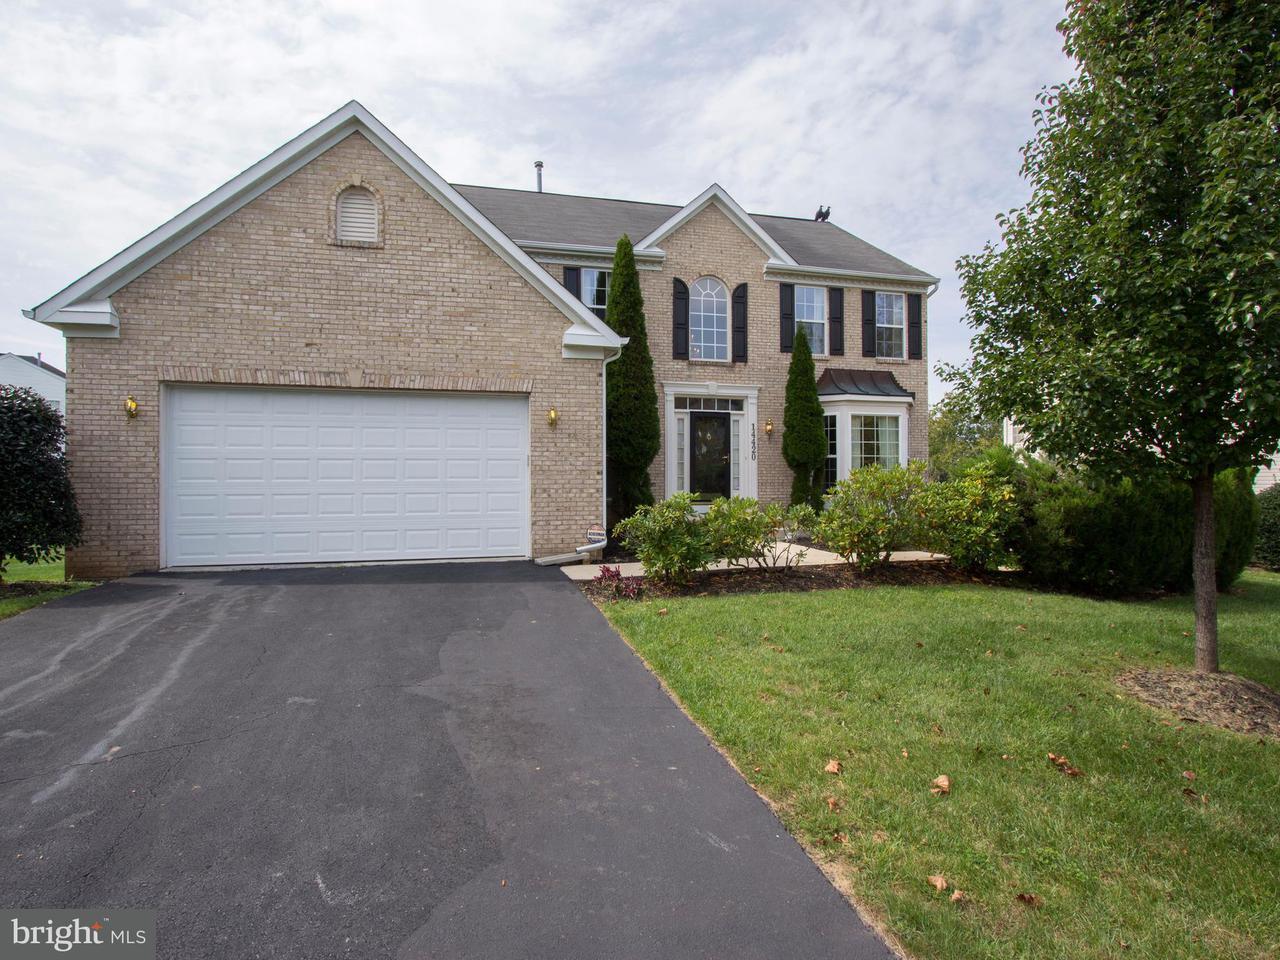 Casa Unifamiliar por un Venta en 14420 AUTUMN CREST Road 14420 AUTUMN CREST Road Boyds, Maryland 20841 Estados Unidos